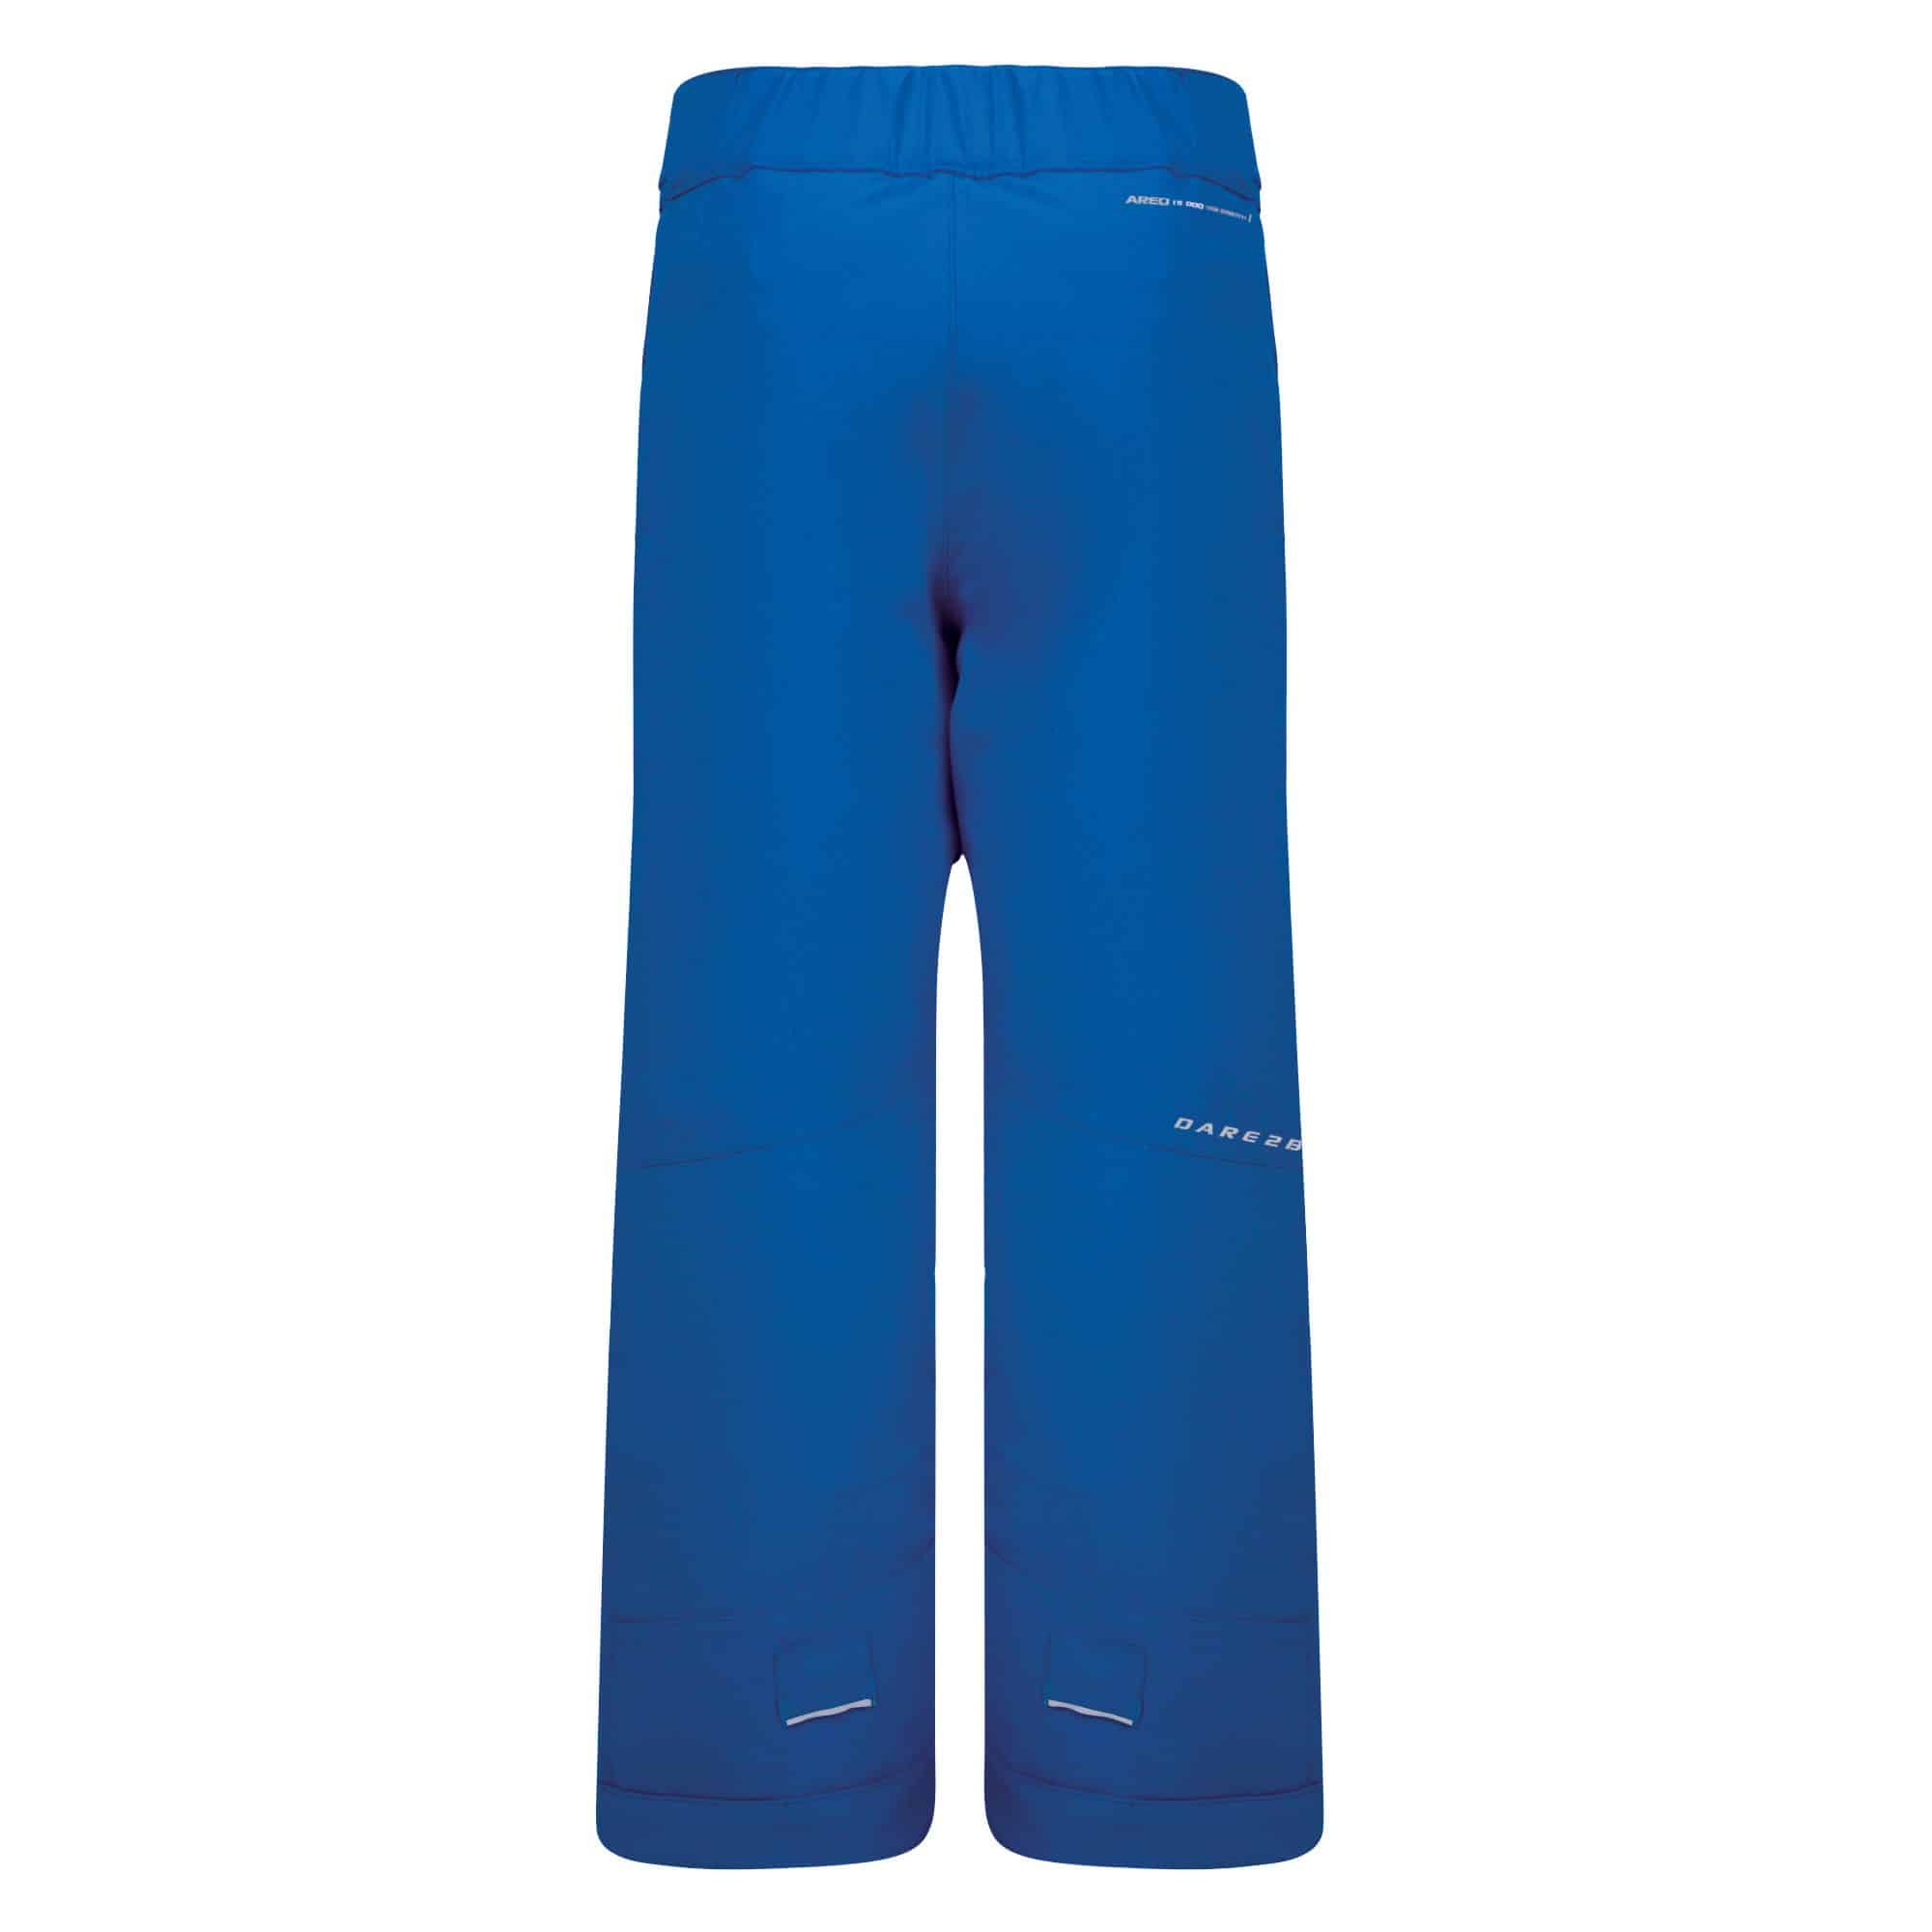 takeon oxford blue2